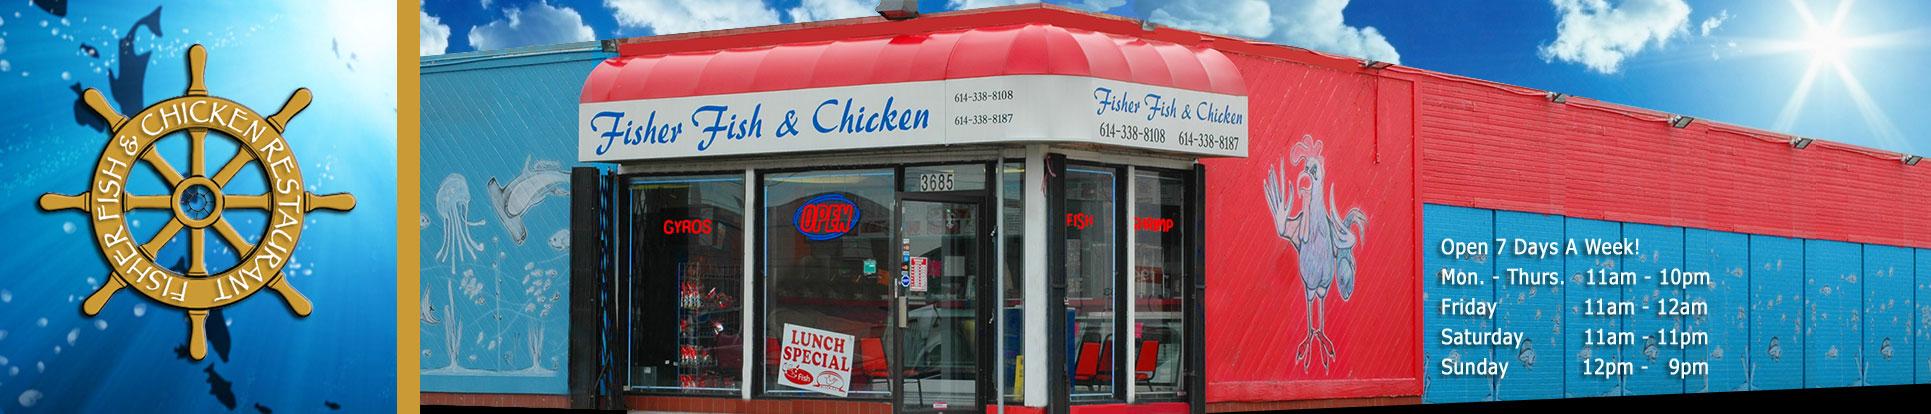 Fisher fish chicken restaurant columbus ohio home for Fish restaurants in columbus ohio